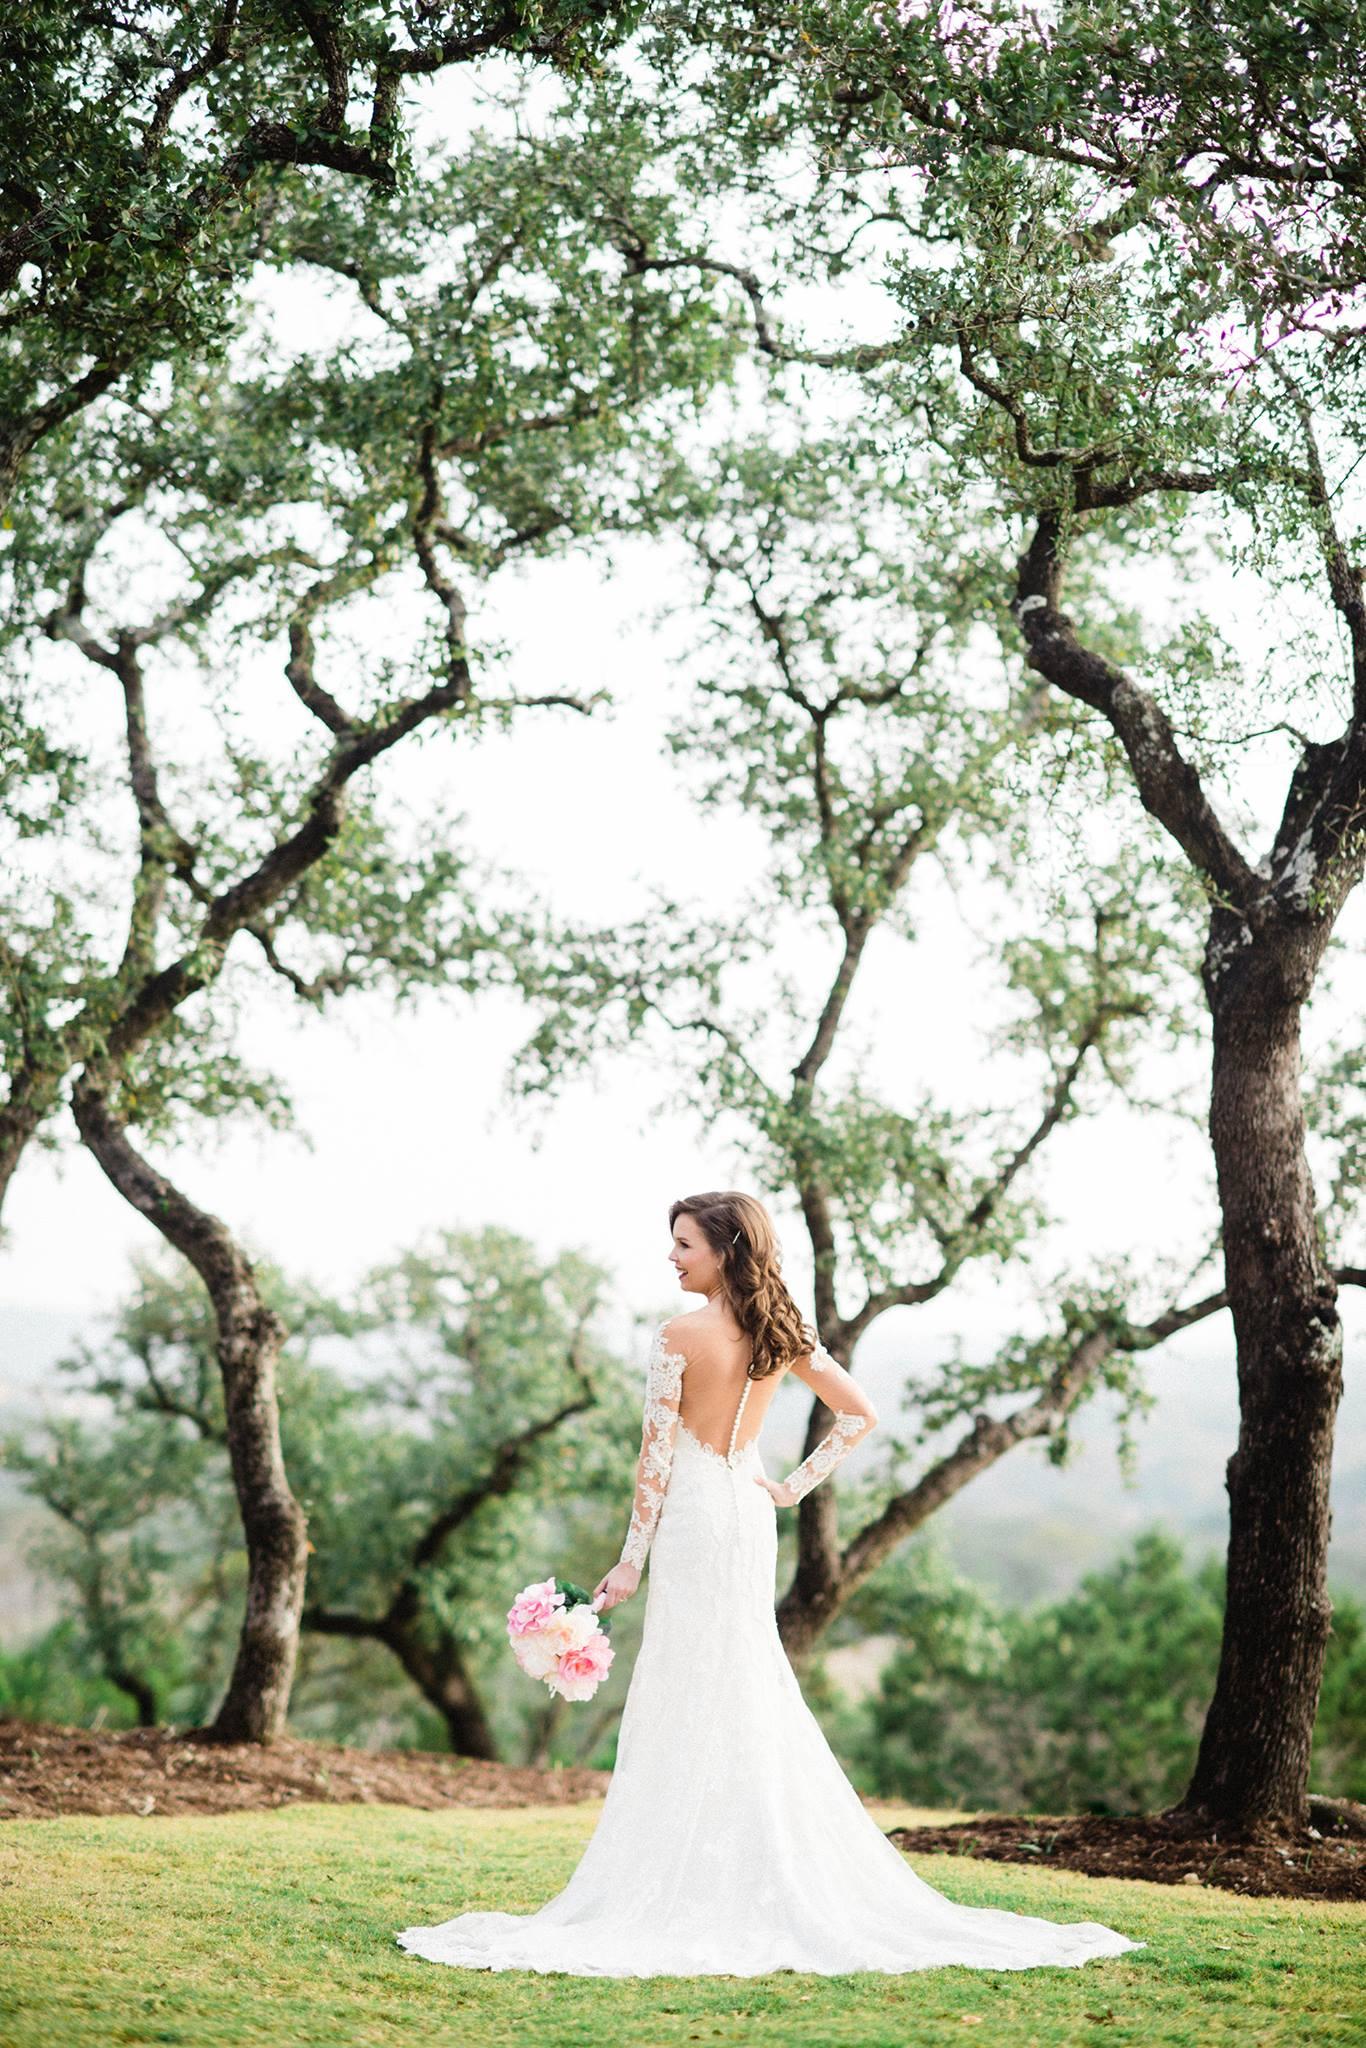 canyonwood ridge weddings.jpg